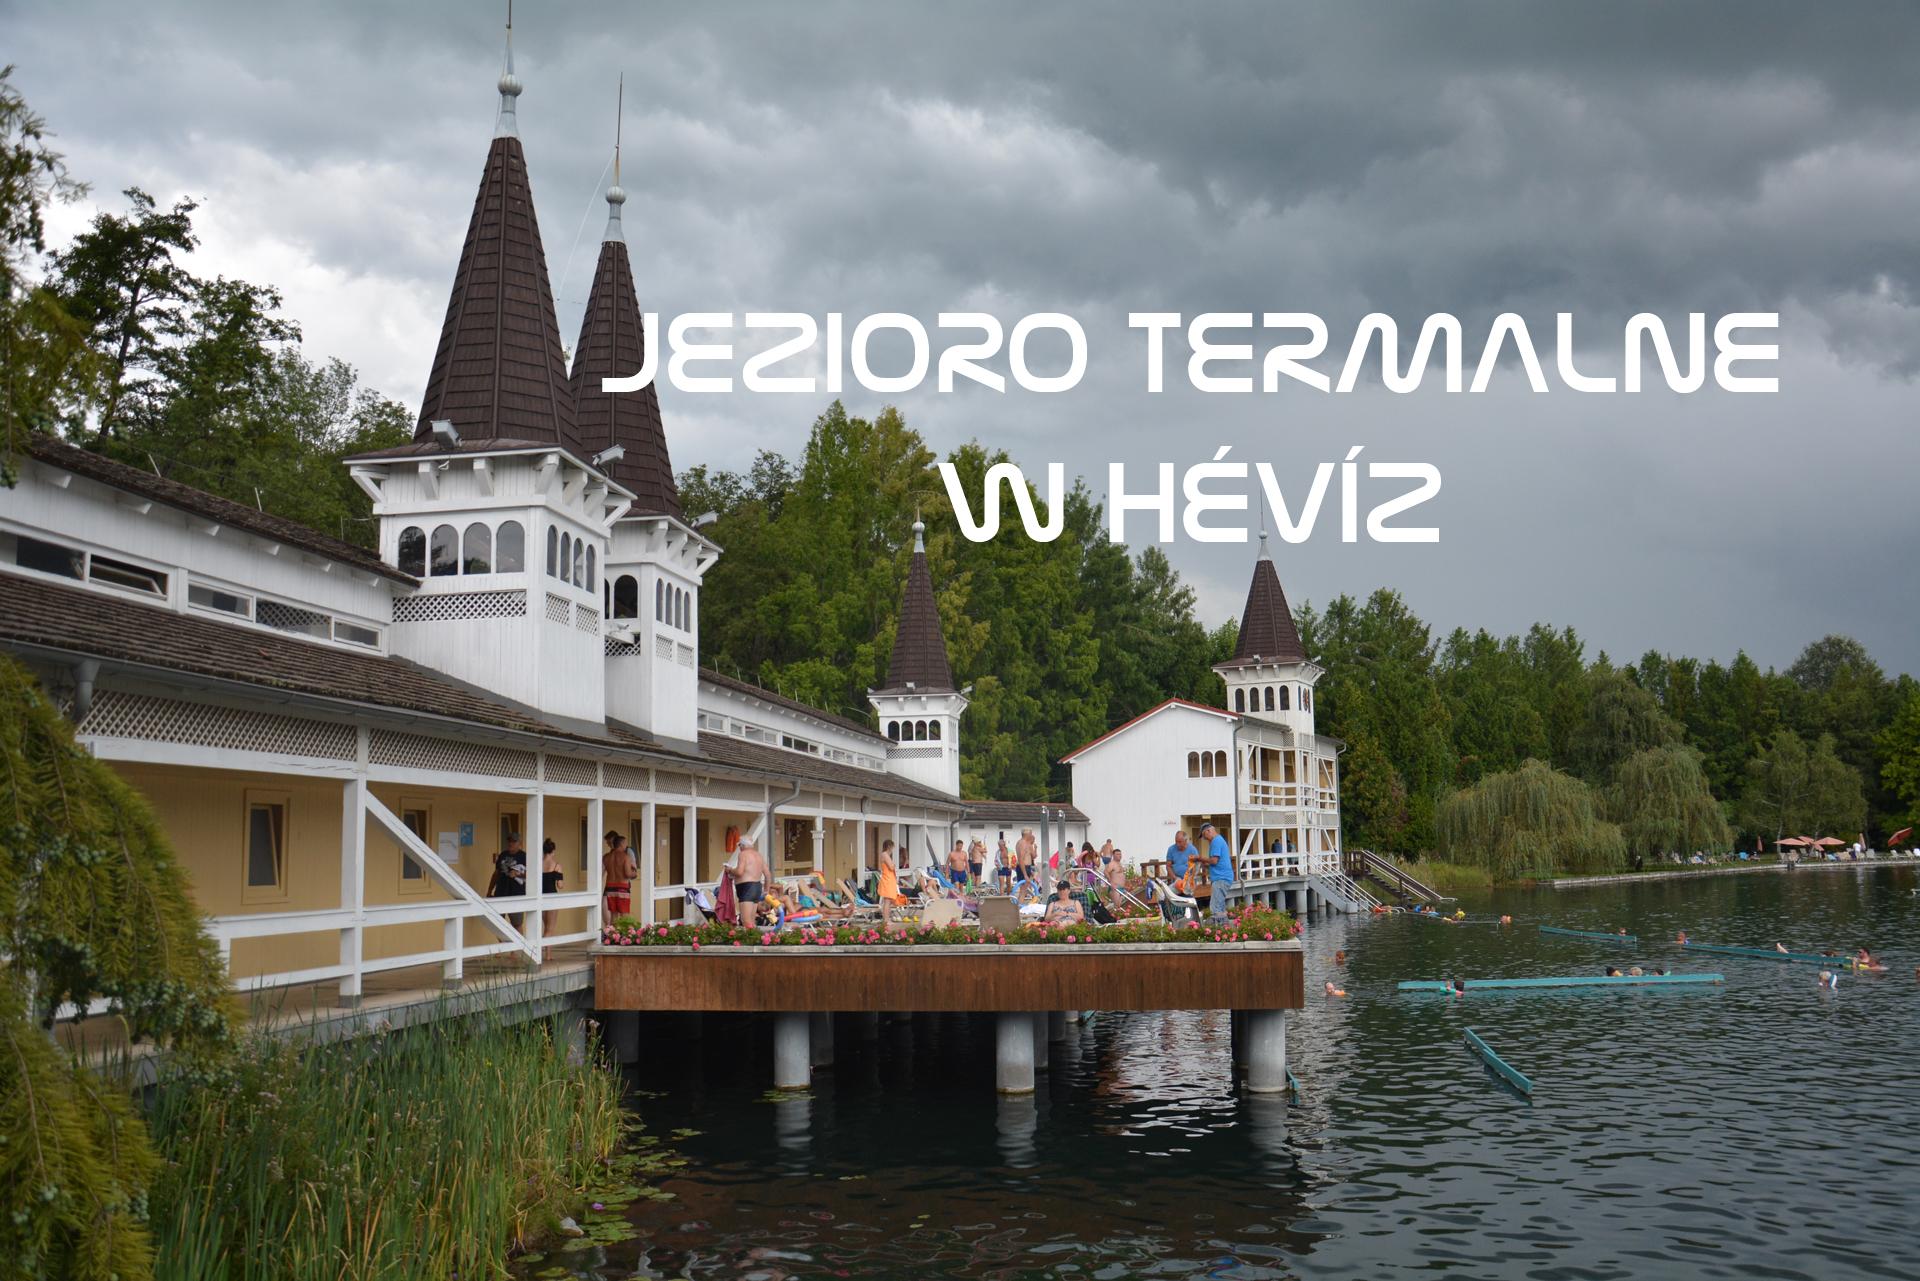 Hévíz – największe jezioro termalne w Europie